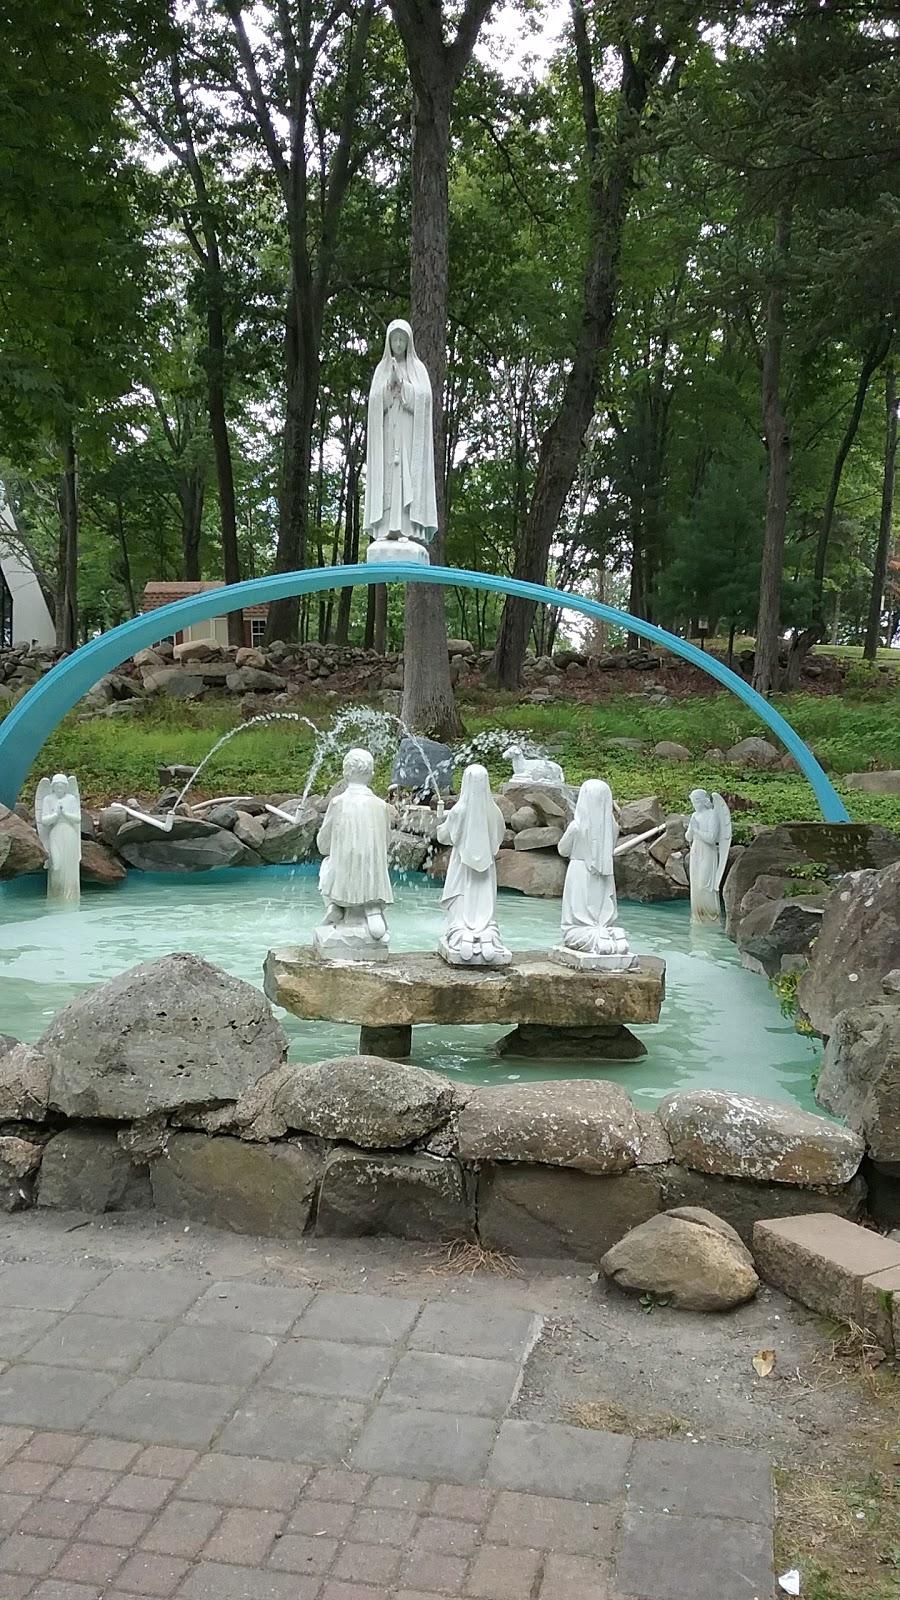 Mary Help Of Christians Catholic Chapel - church  | Photo 4 of 10 | Address: 174 Filors Ln, Stony Point, NY 10980, USA | Phone: (845) 947-2200